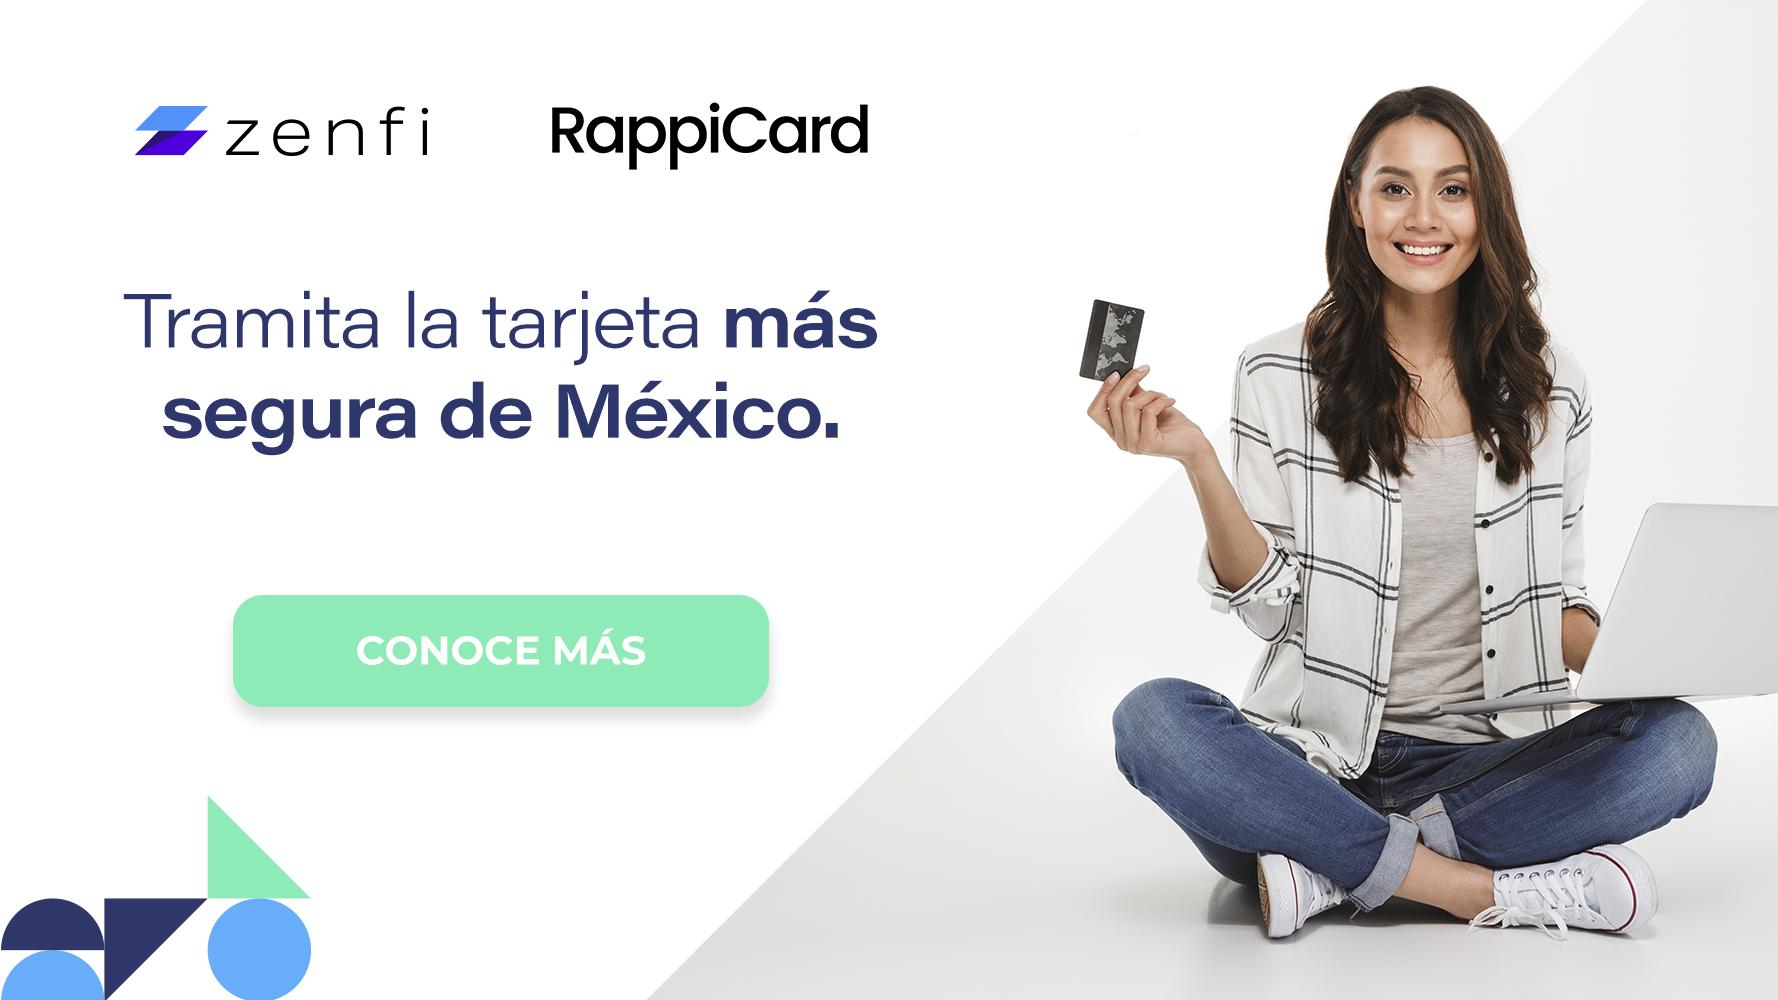 Tramita la tarjeta más segura de México.